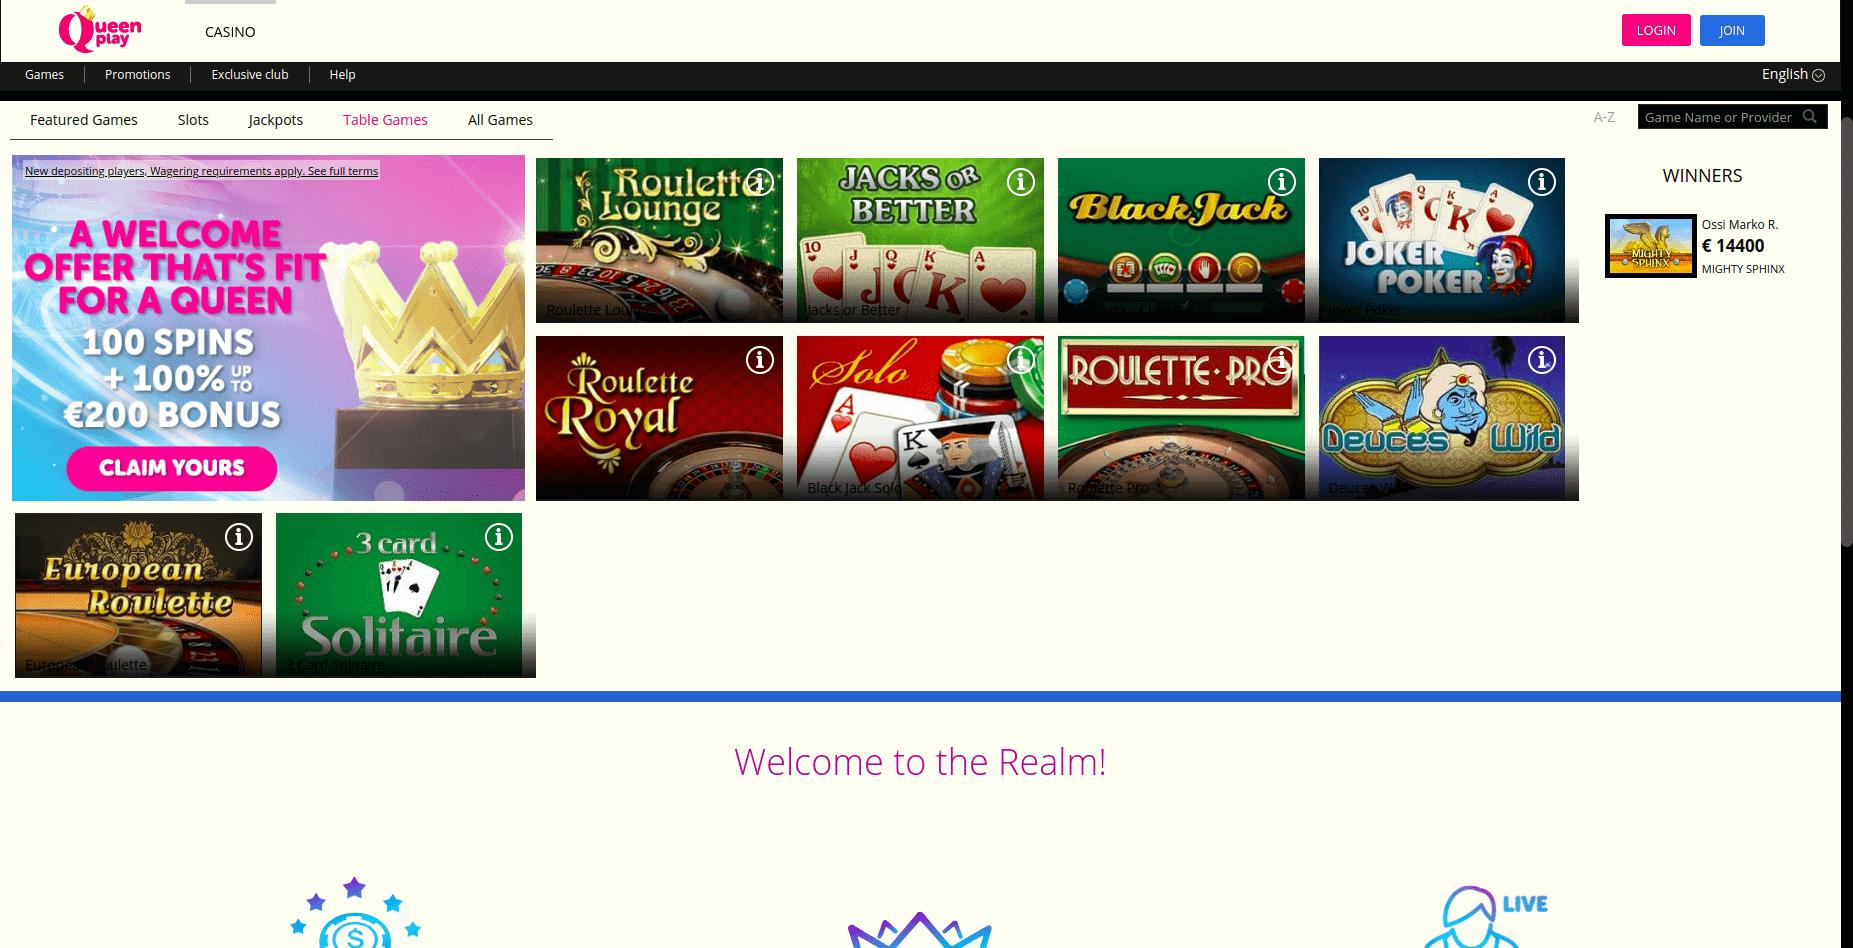 queenplay-games